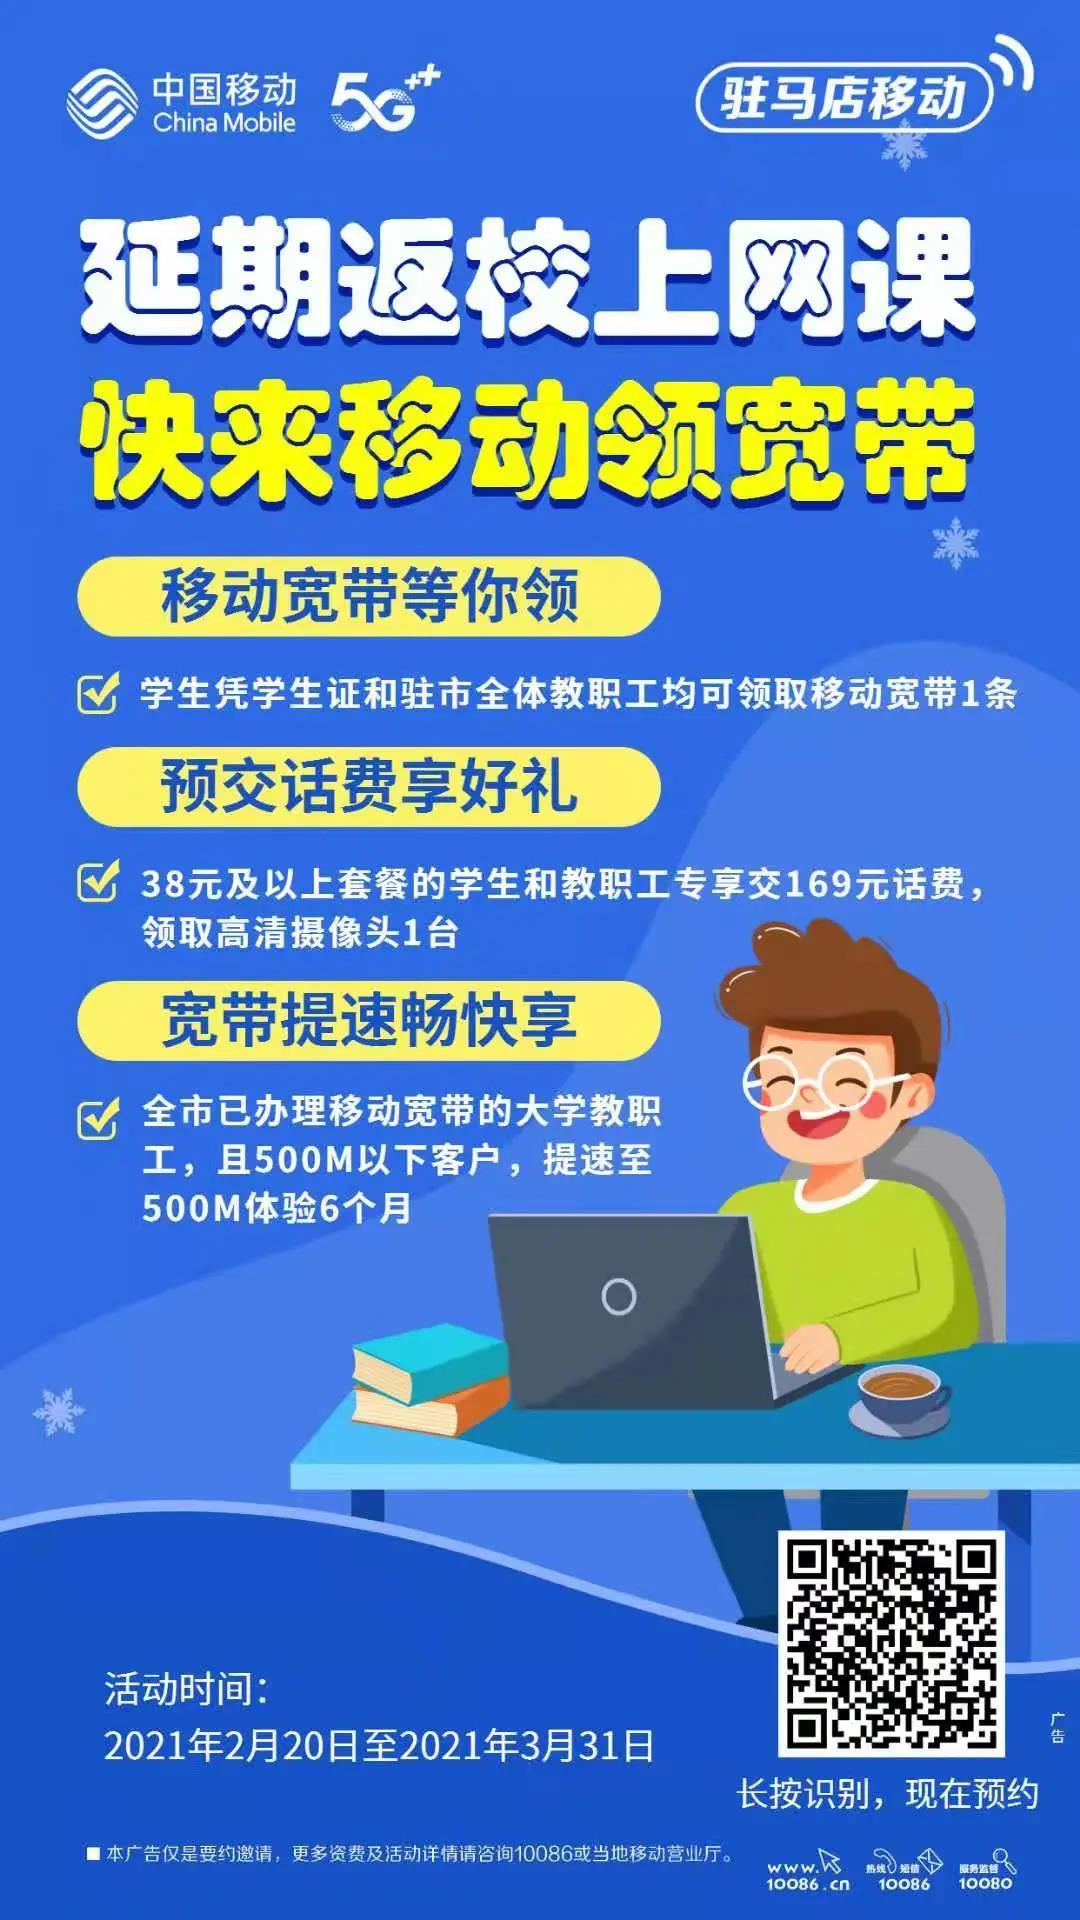 多所高校通知:开学暂不返校,线上授课!移动助力互联网+教育,宽带等你领~